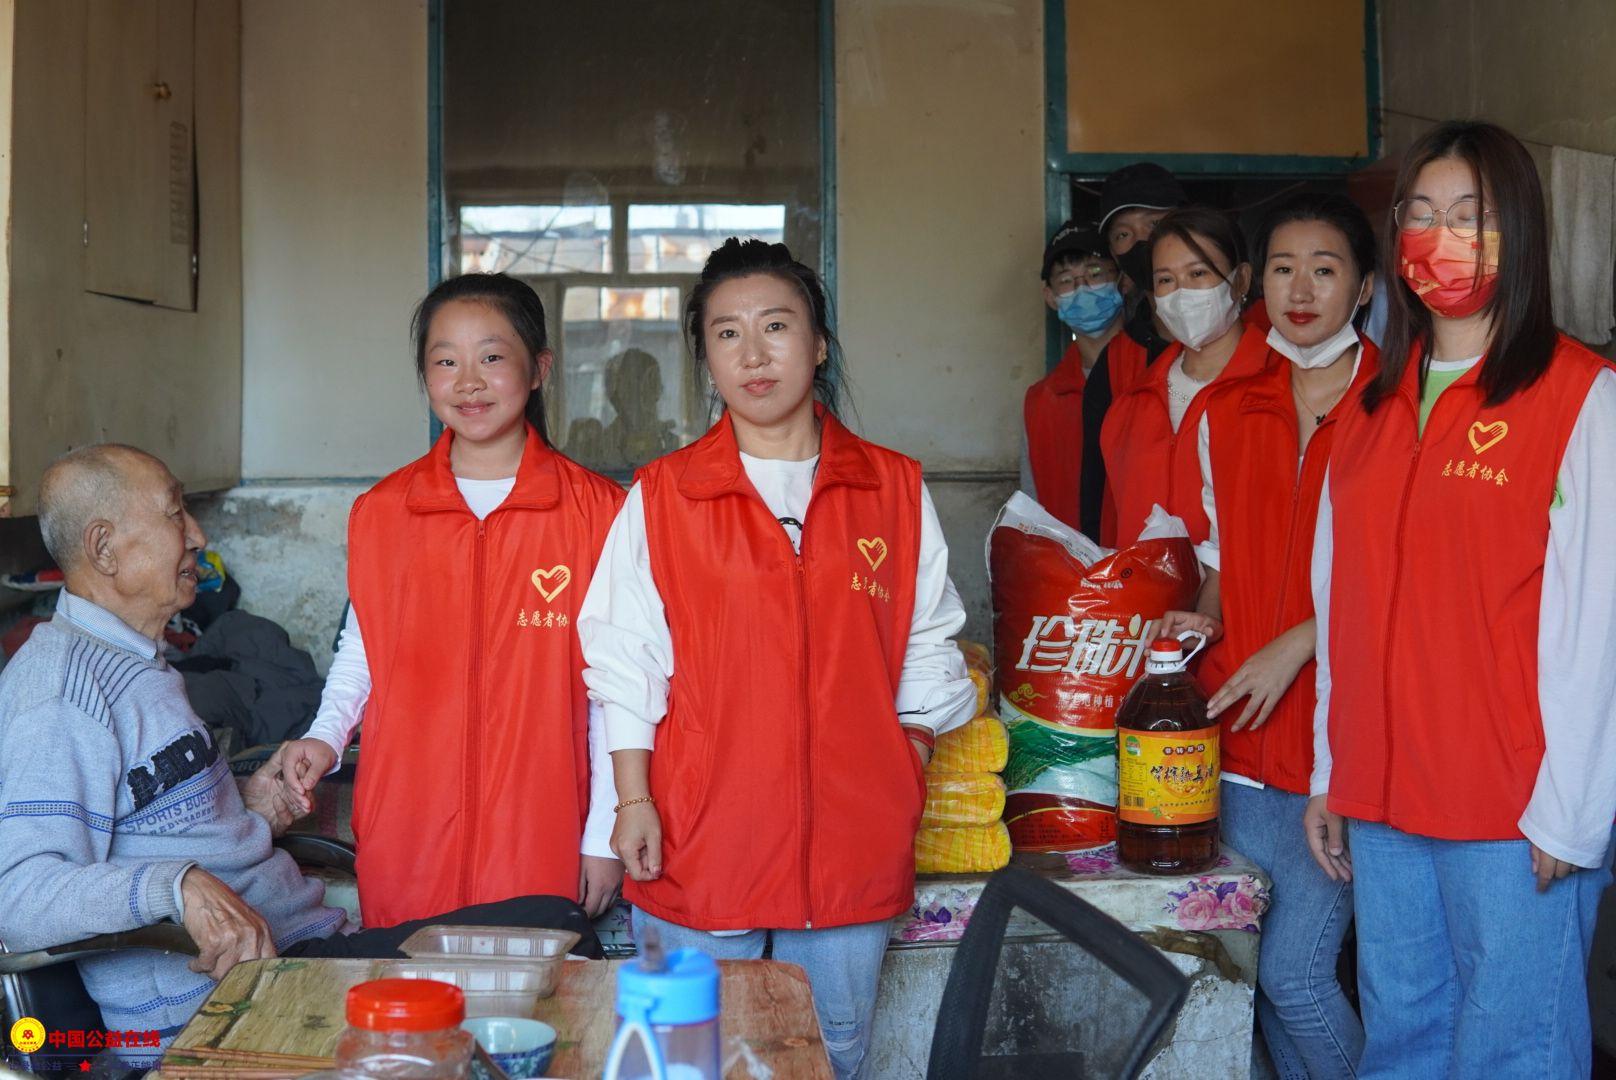 克东县志愿者协会做慈善事业的行动者 当爱心奉献的传播者。